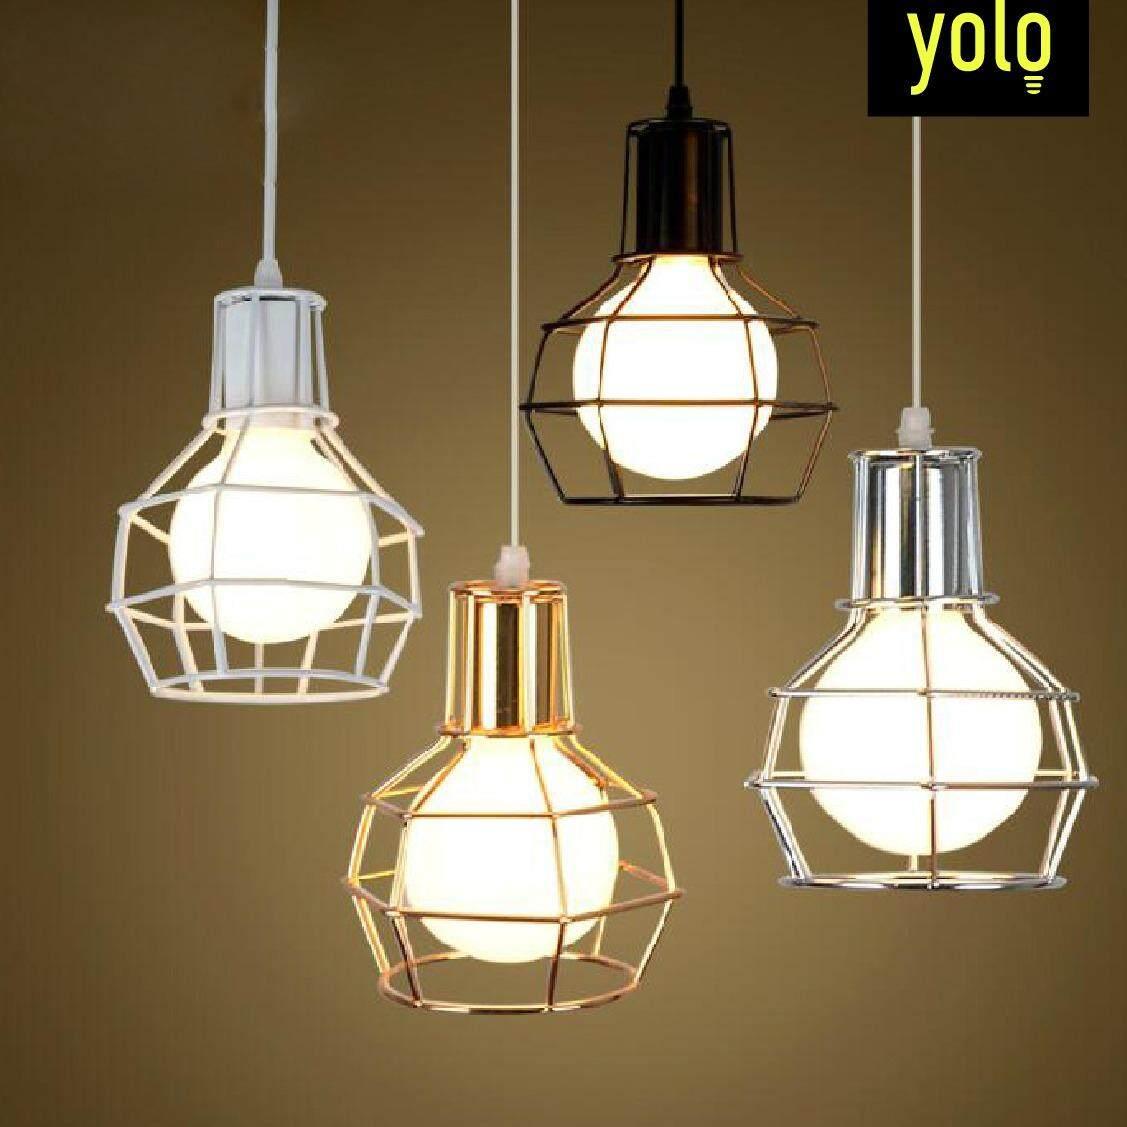 Yolo โคมไฟแขวนเพดาน สไตล์วินเทจ ลอฟท์